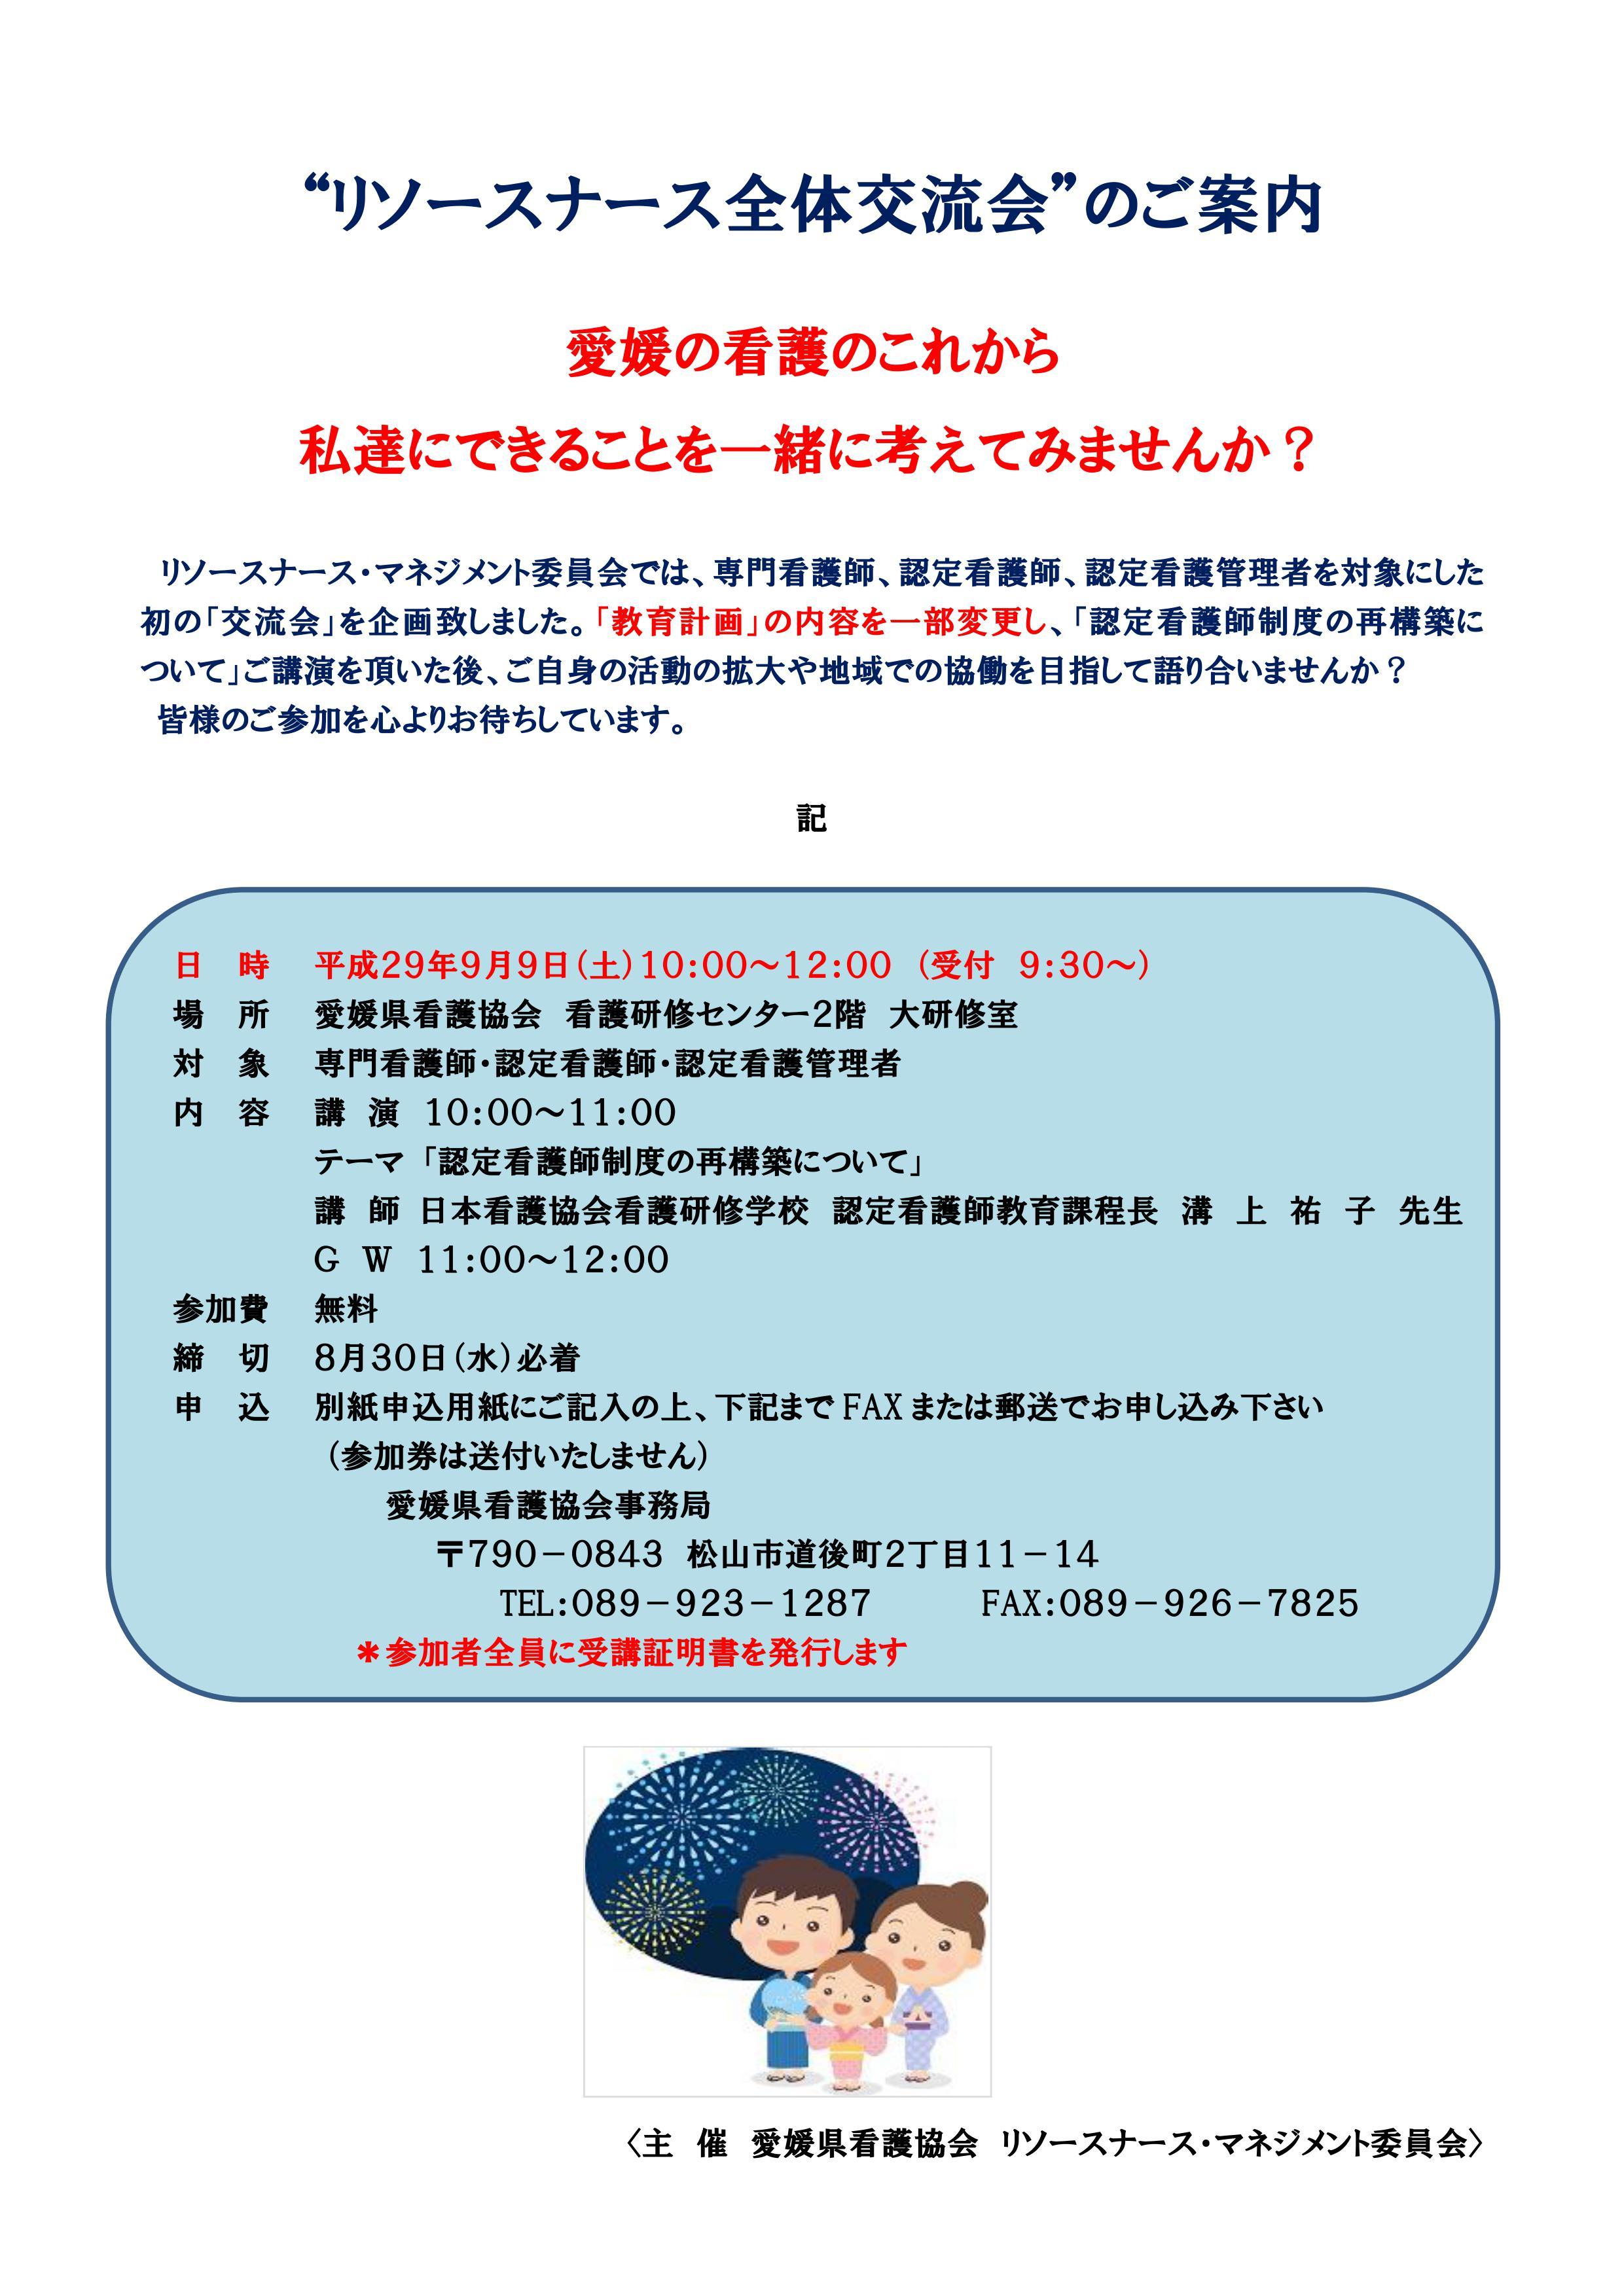 第48回(平成29年度)日本看護学会-看護管理-学術集会開催について-協会からのお知らせ-公益社団法人 北海道看護協会